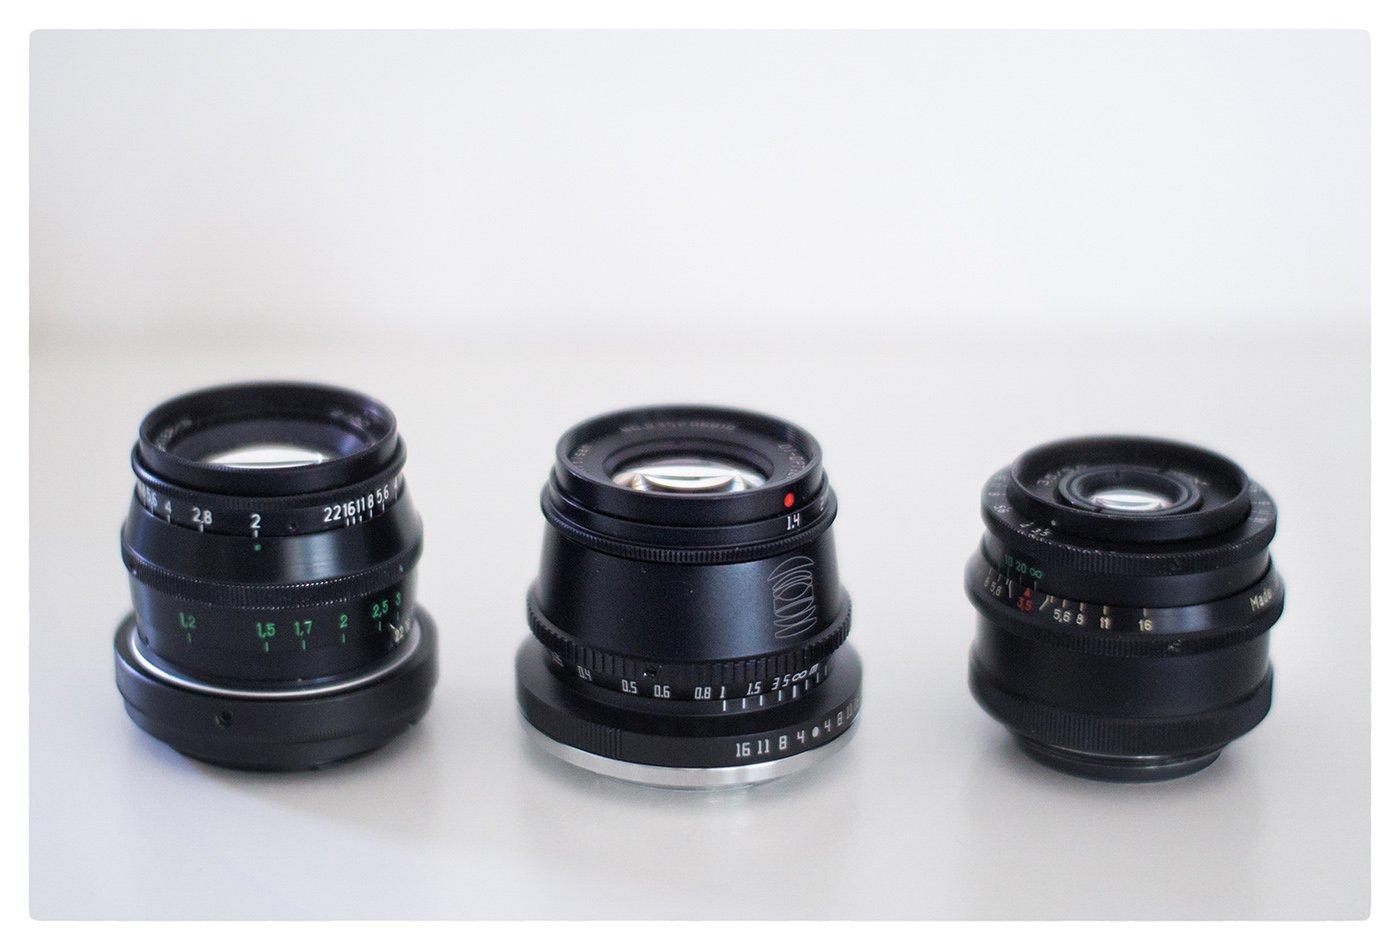 PICTOGRAMAX - 2021 - TTARTISAN 35mm f14 - MODELLING - 06.jpg